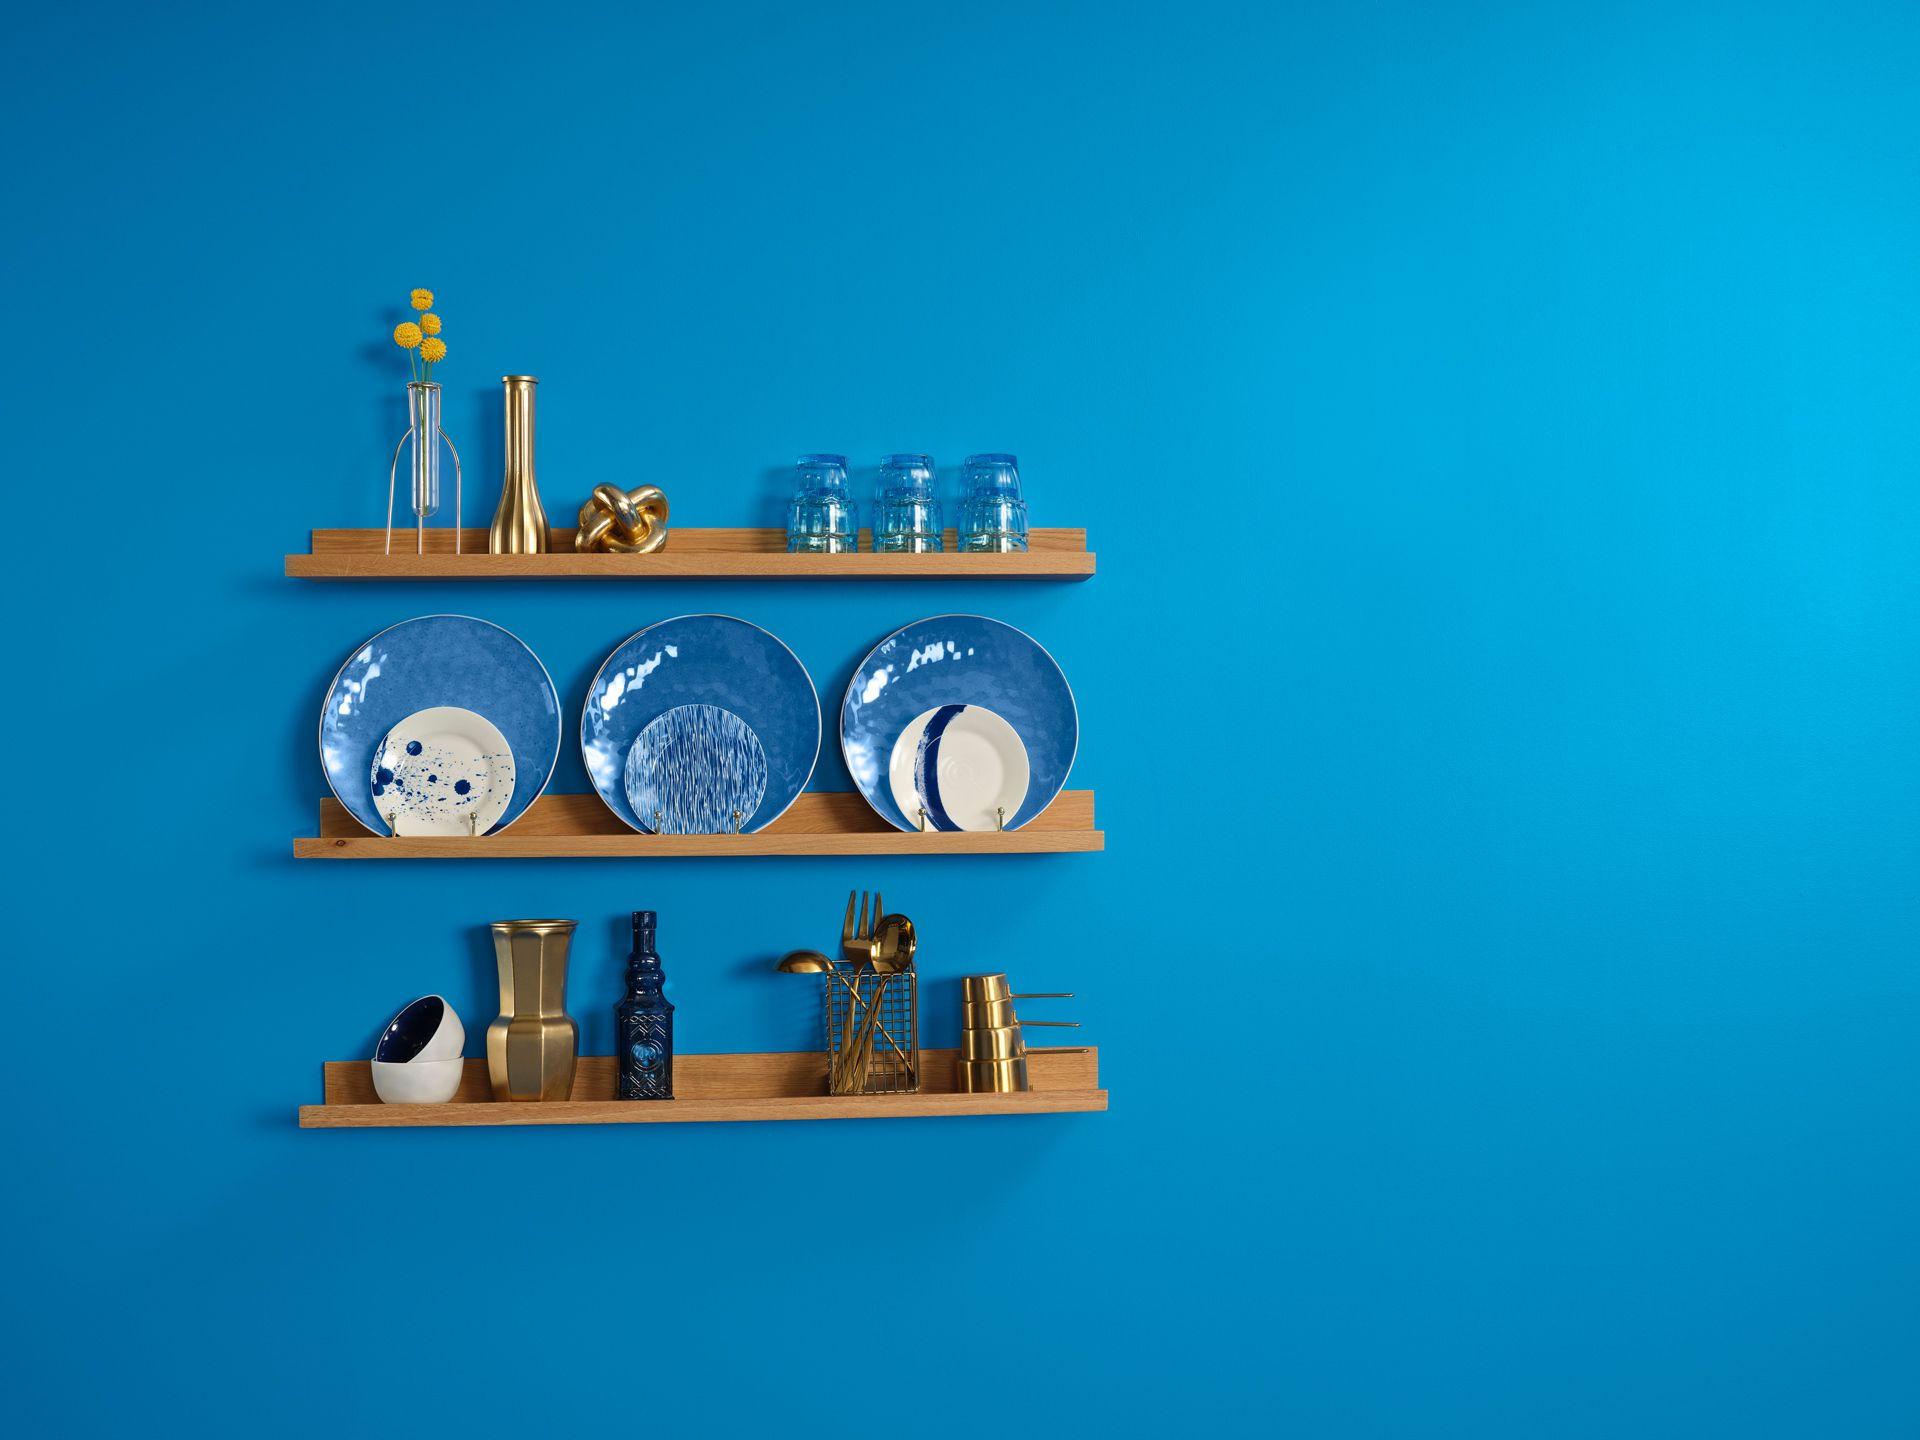 Mur bleu avec des étagères en bois sur lesquelles sont posées des objets de cuisine bleus ou dorés.